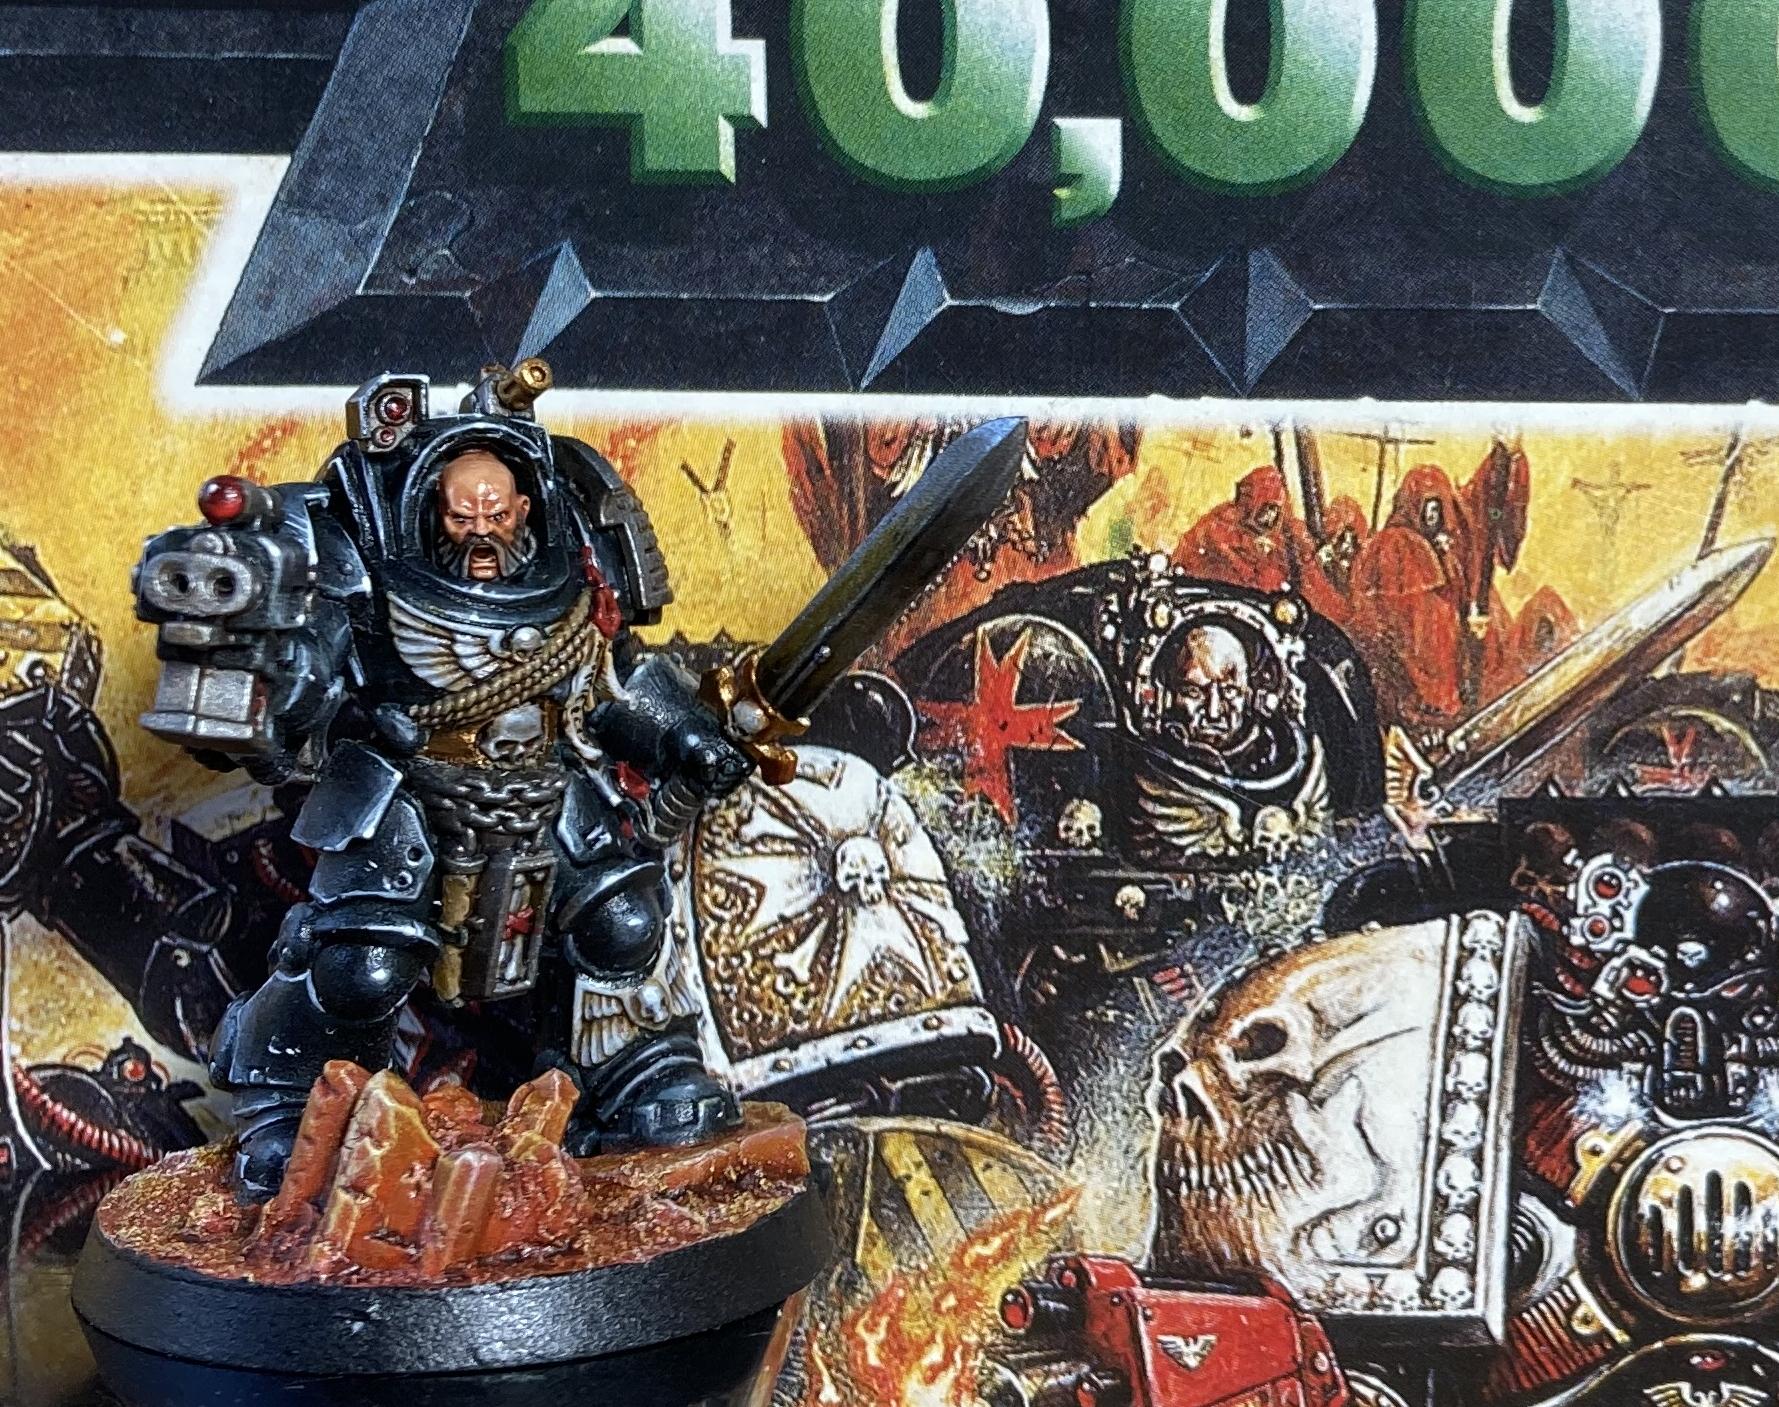 Terminator Knight compared to artwork